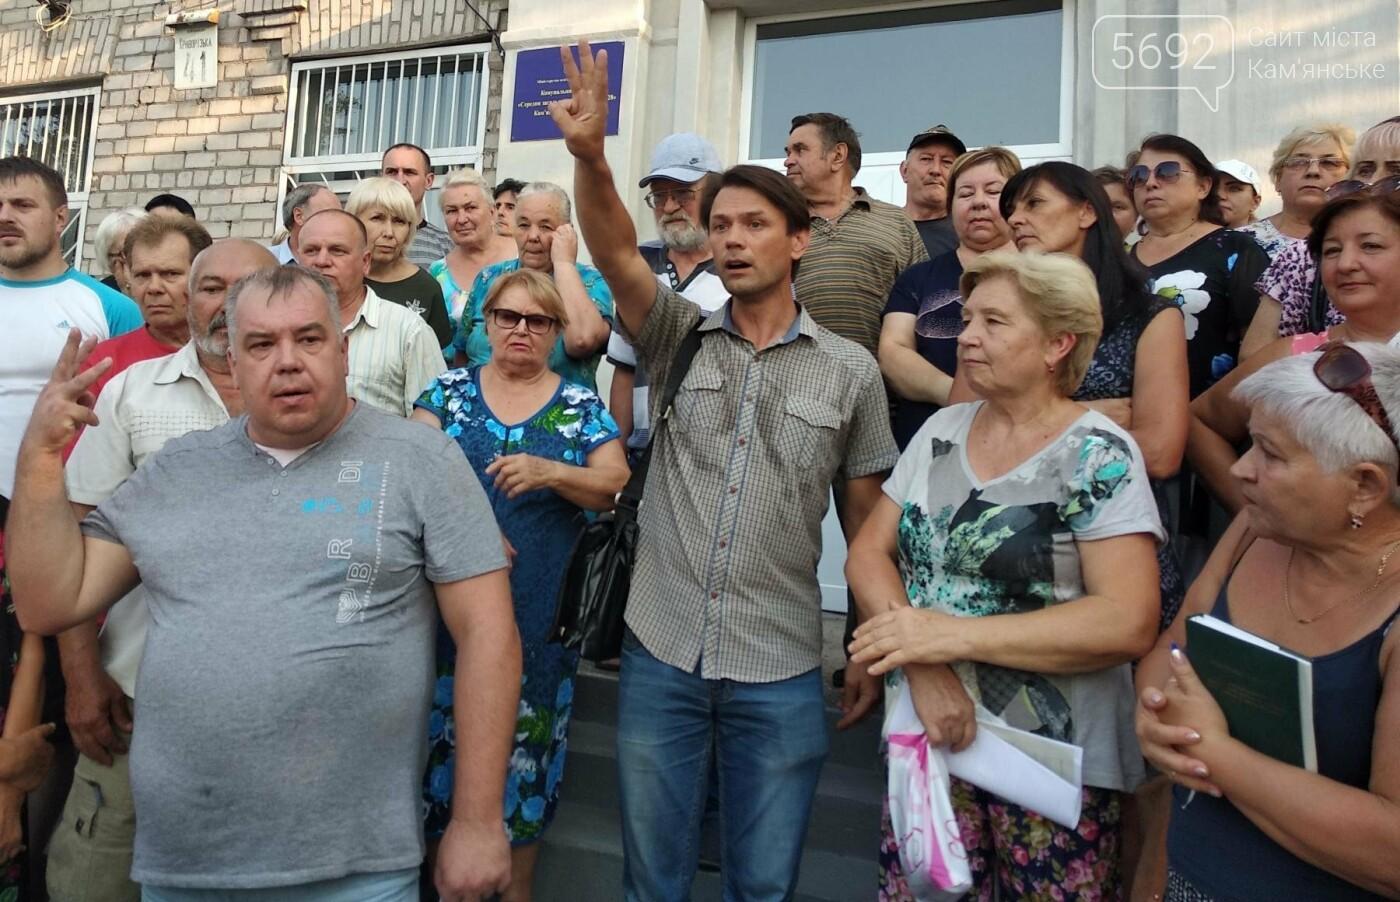 В Романково прошла массовая акция каменчан против газовщиков, фото-3